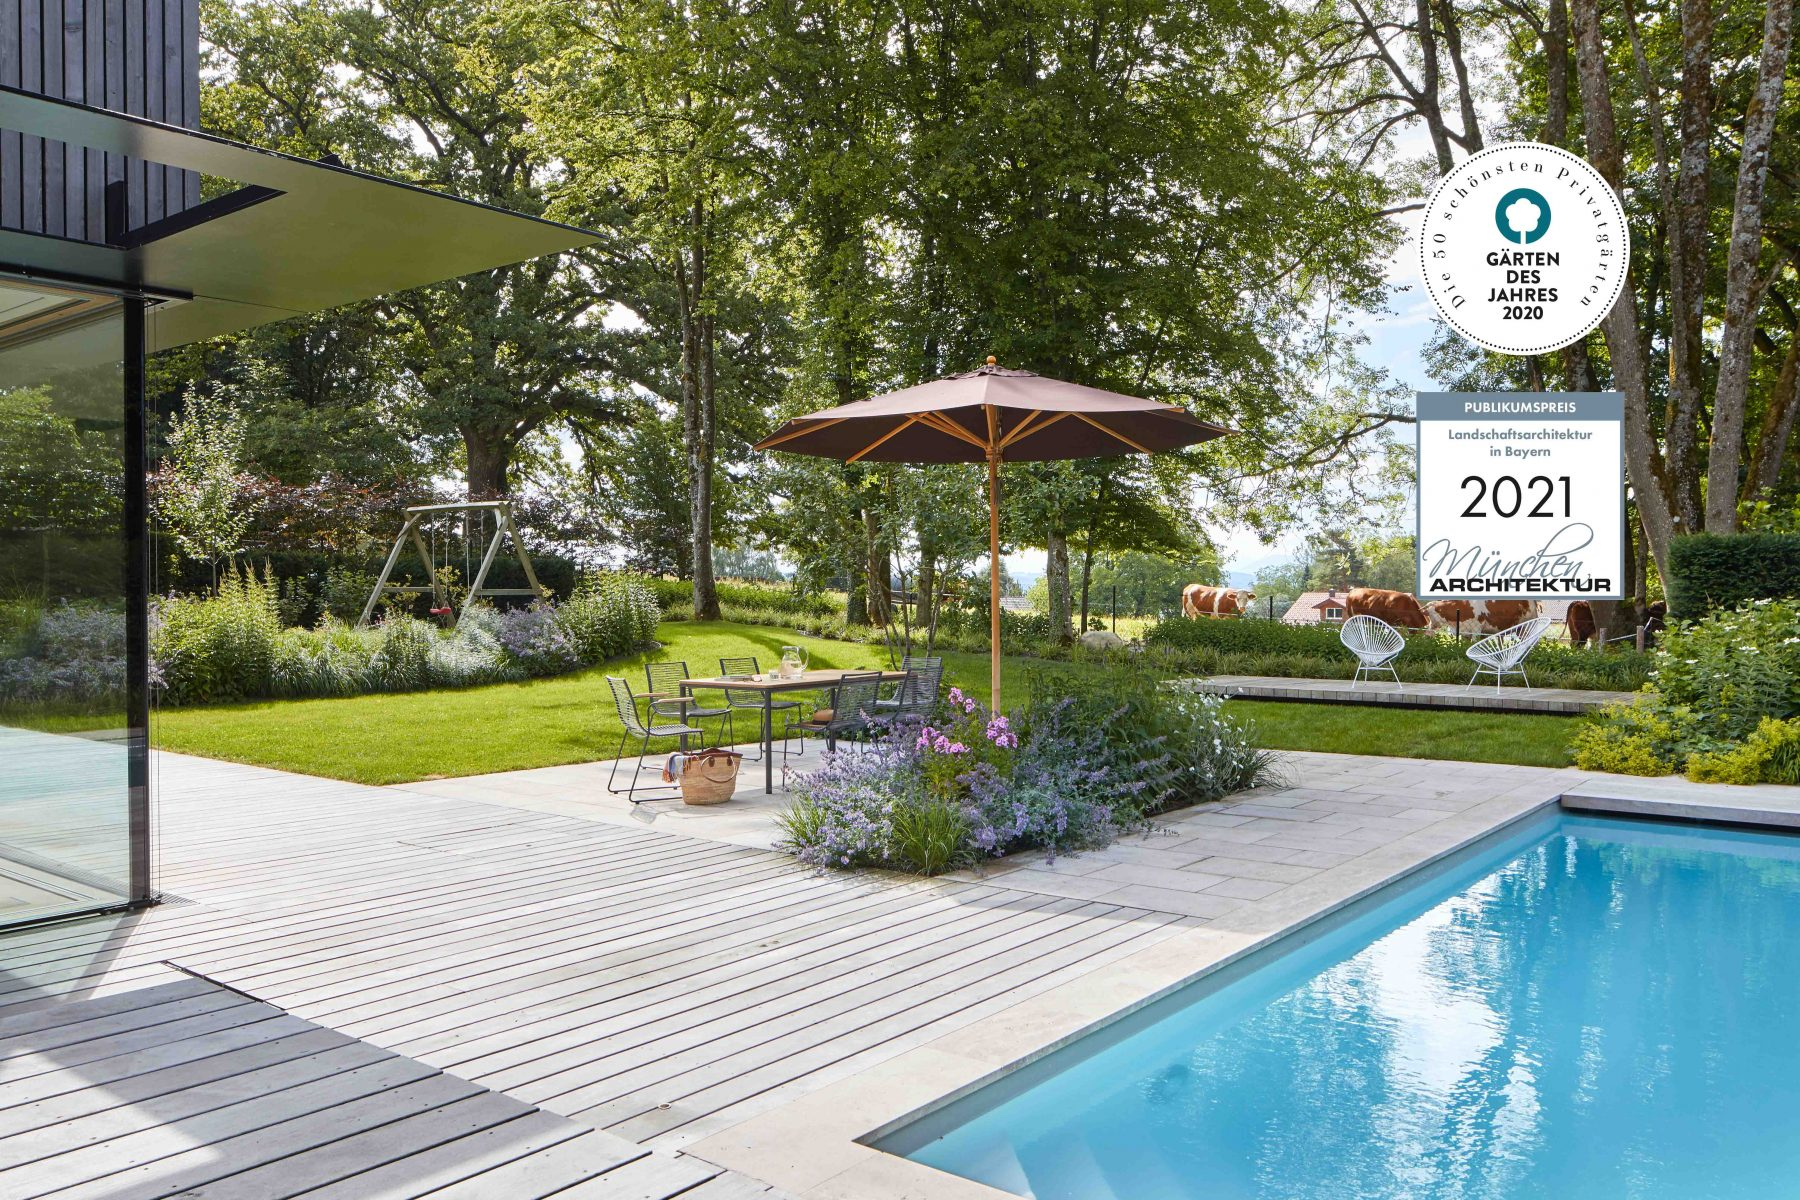 Mehrfach ausgezeichneter Garten. Preisgekröntes Gartendesign. Auszeichnung 50 schönste Privatgärten 2020